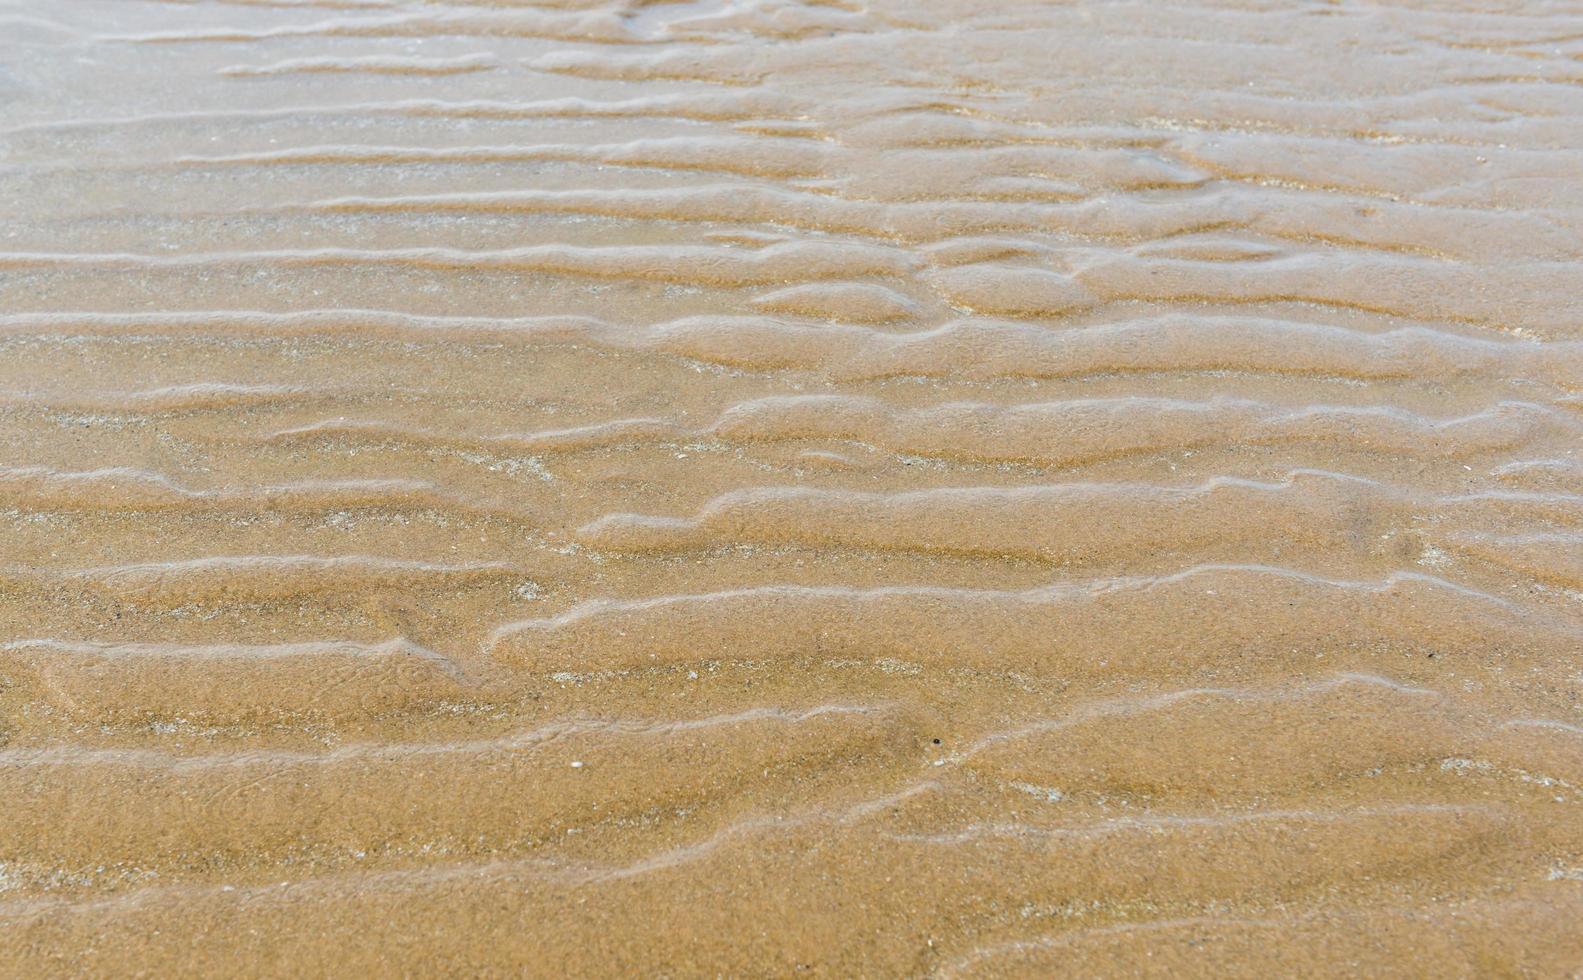 zand natuurtextuur.golf van zandtextuur dichtbij het strand foto